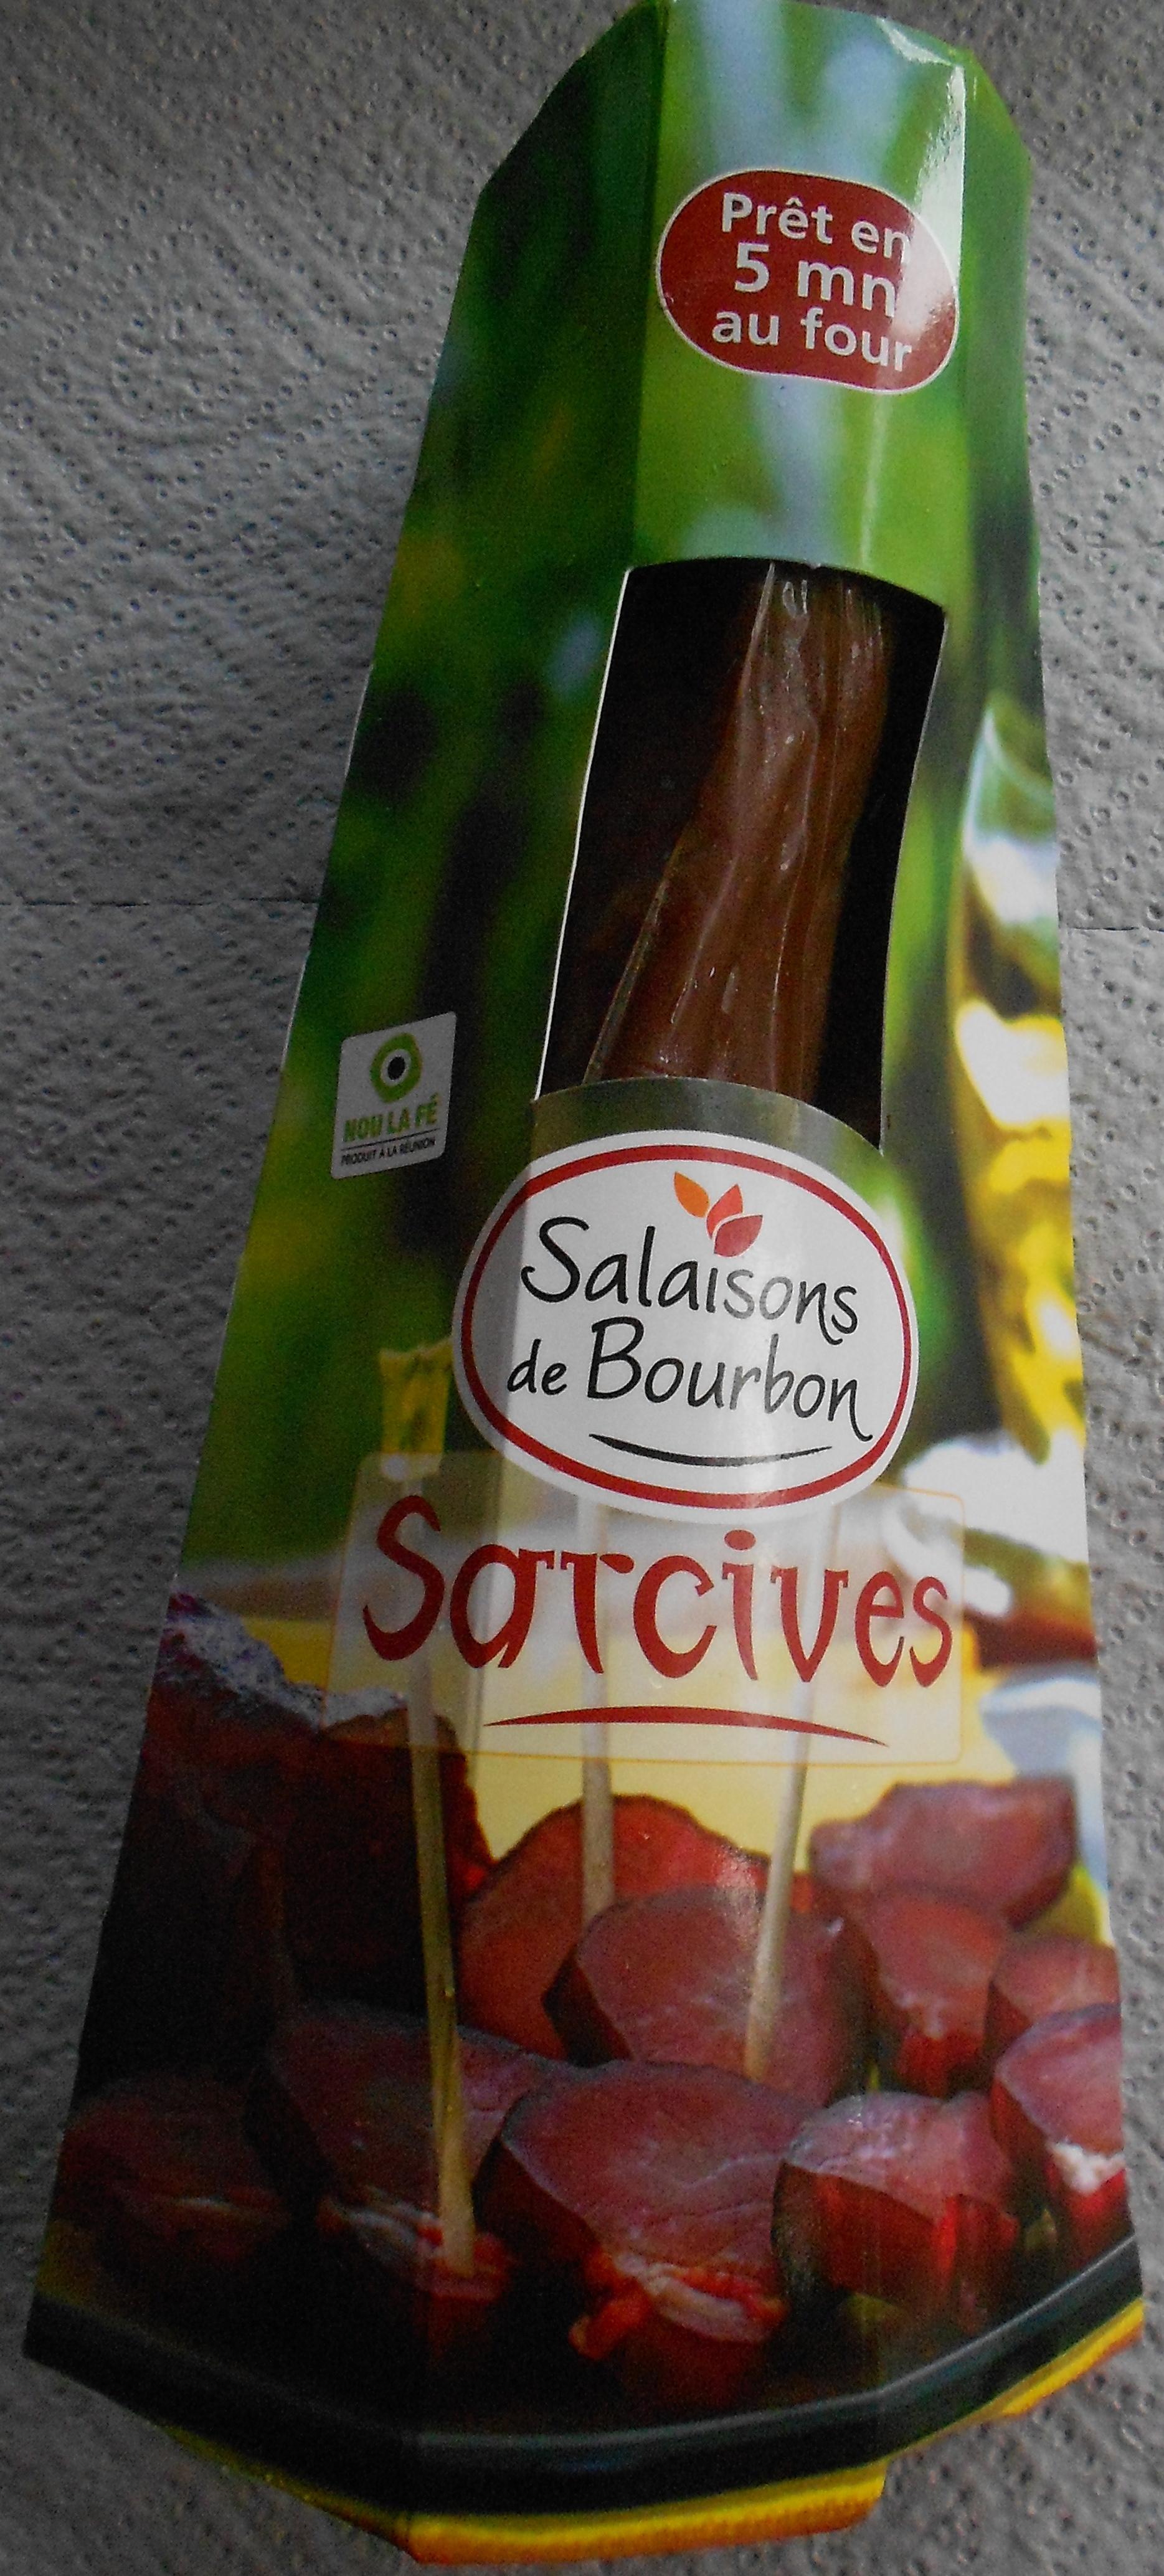 Sarcives - Produit - fr